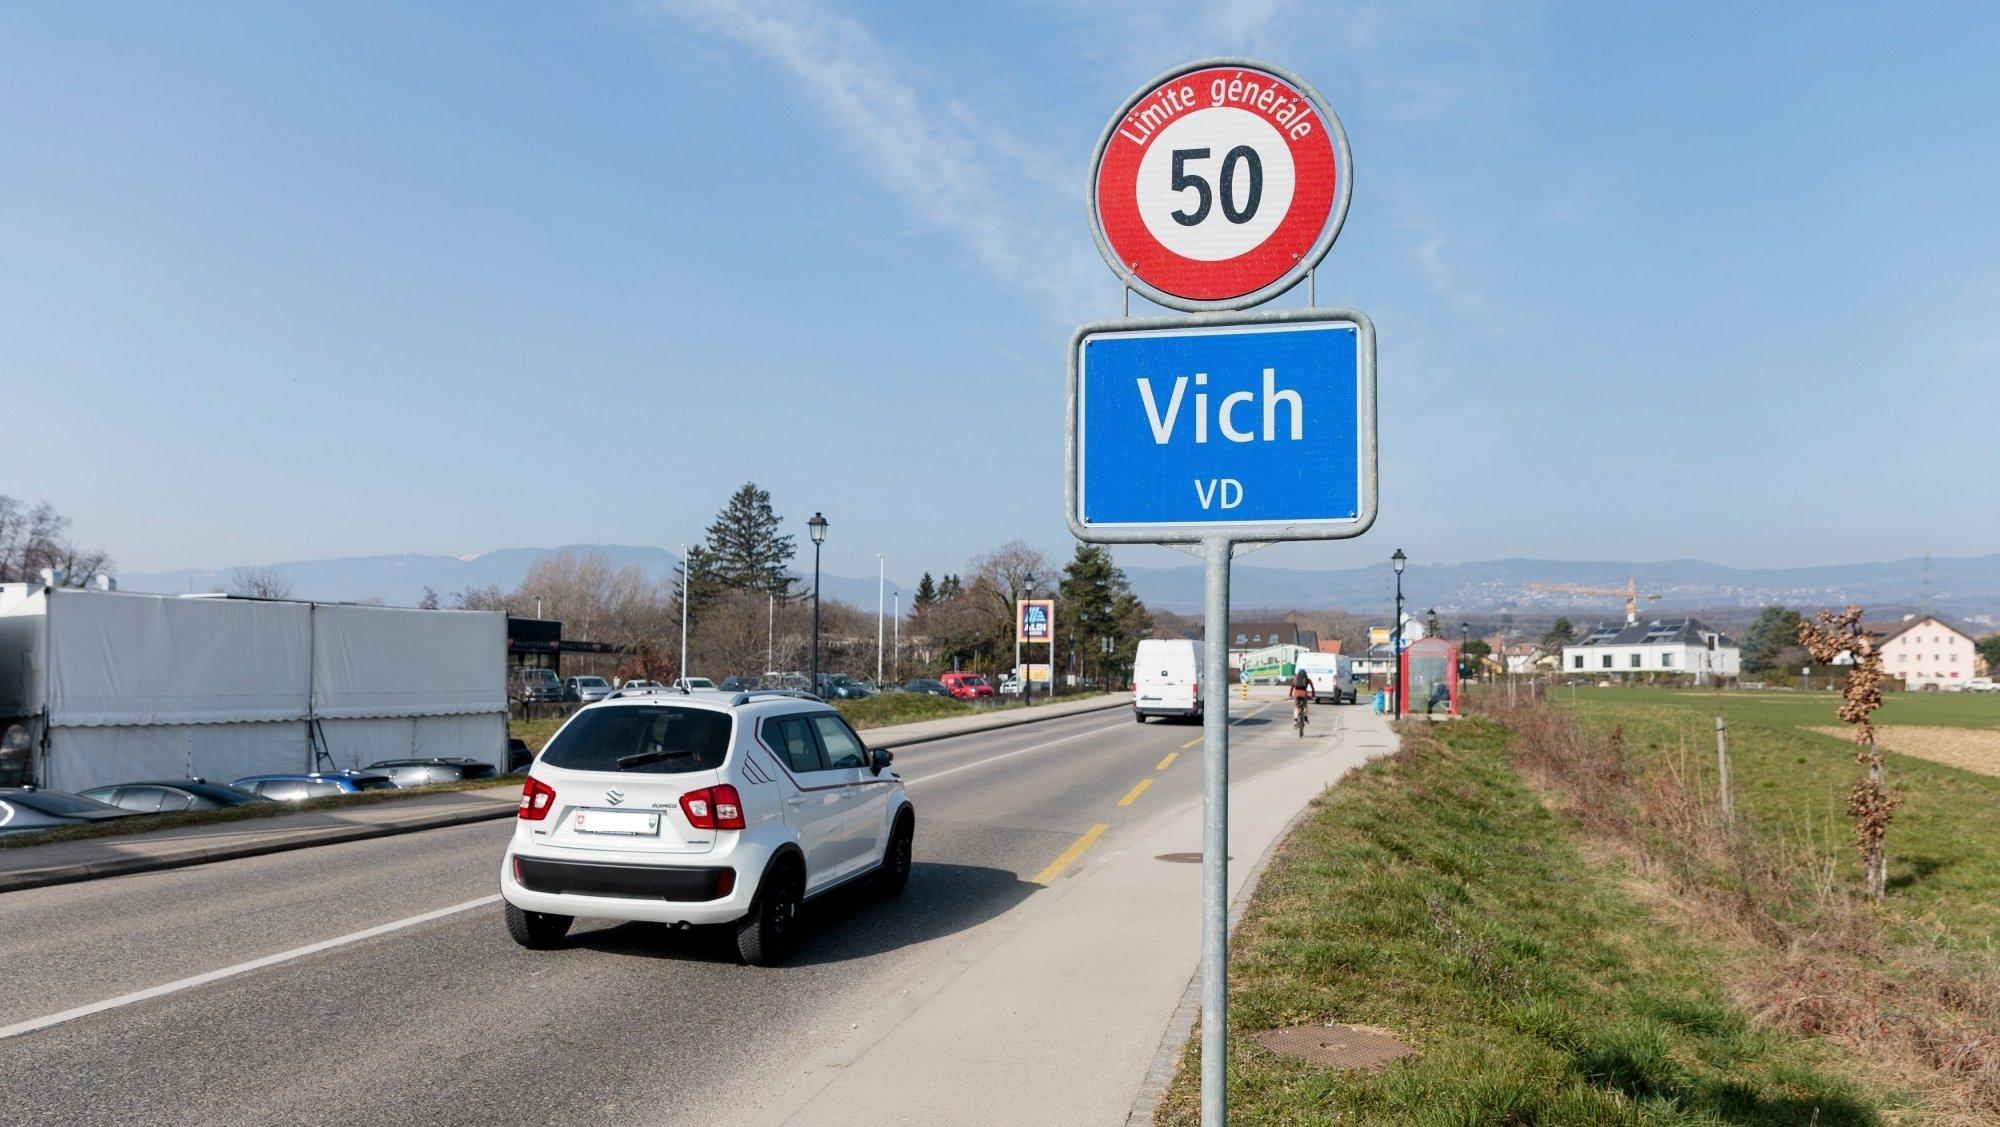 Si la traversée de Vich se fait à 50 km/h de jour, elle pourrait bientôt être limitée à 30 km/h la nuit.